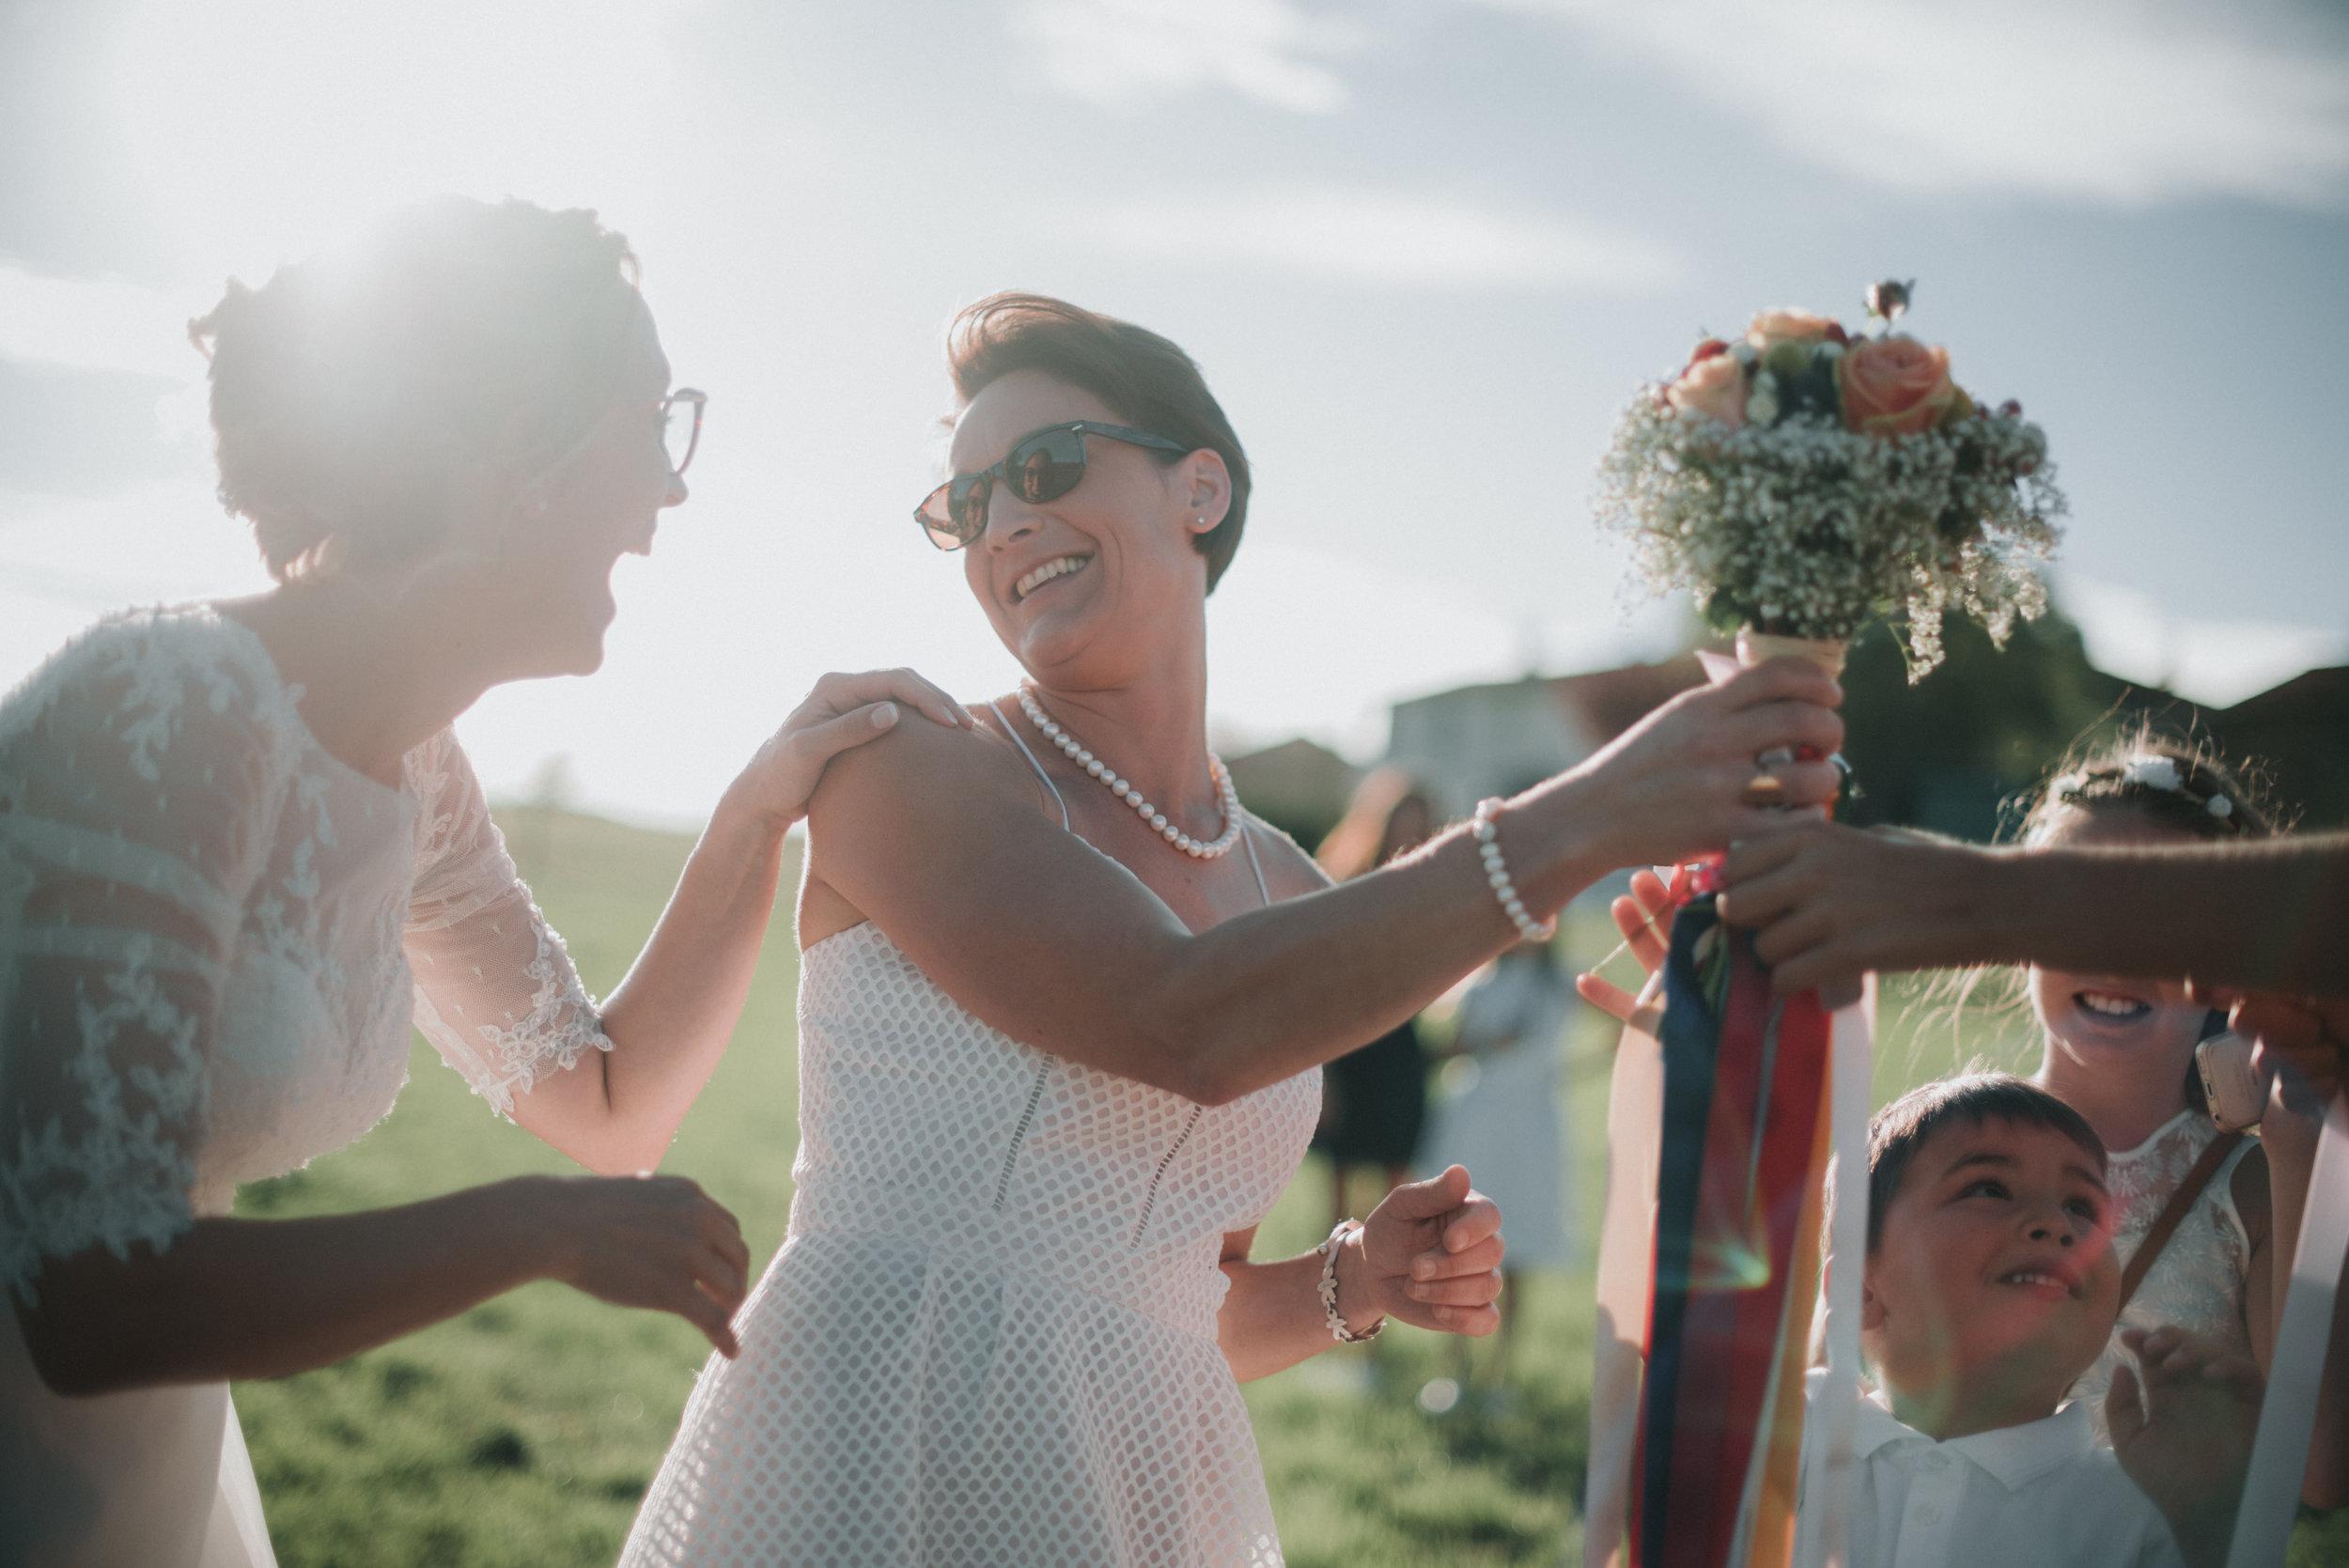 Léa-Fery-photographe-professionnel-lyon-rhone-alpes-portrait-creation-mariage-evenement-evenementiel-famille-8229.jpg